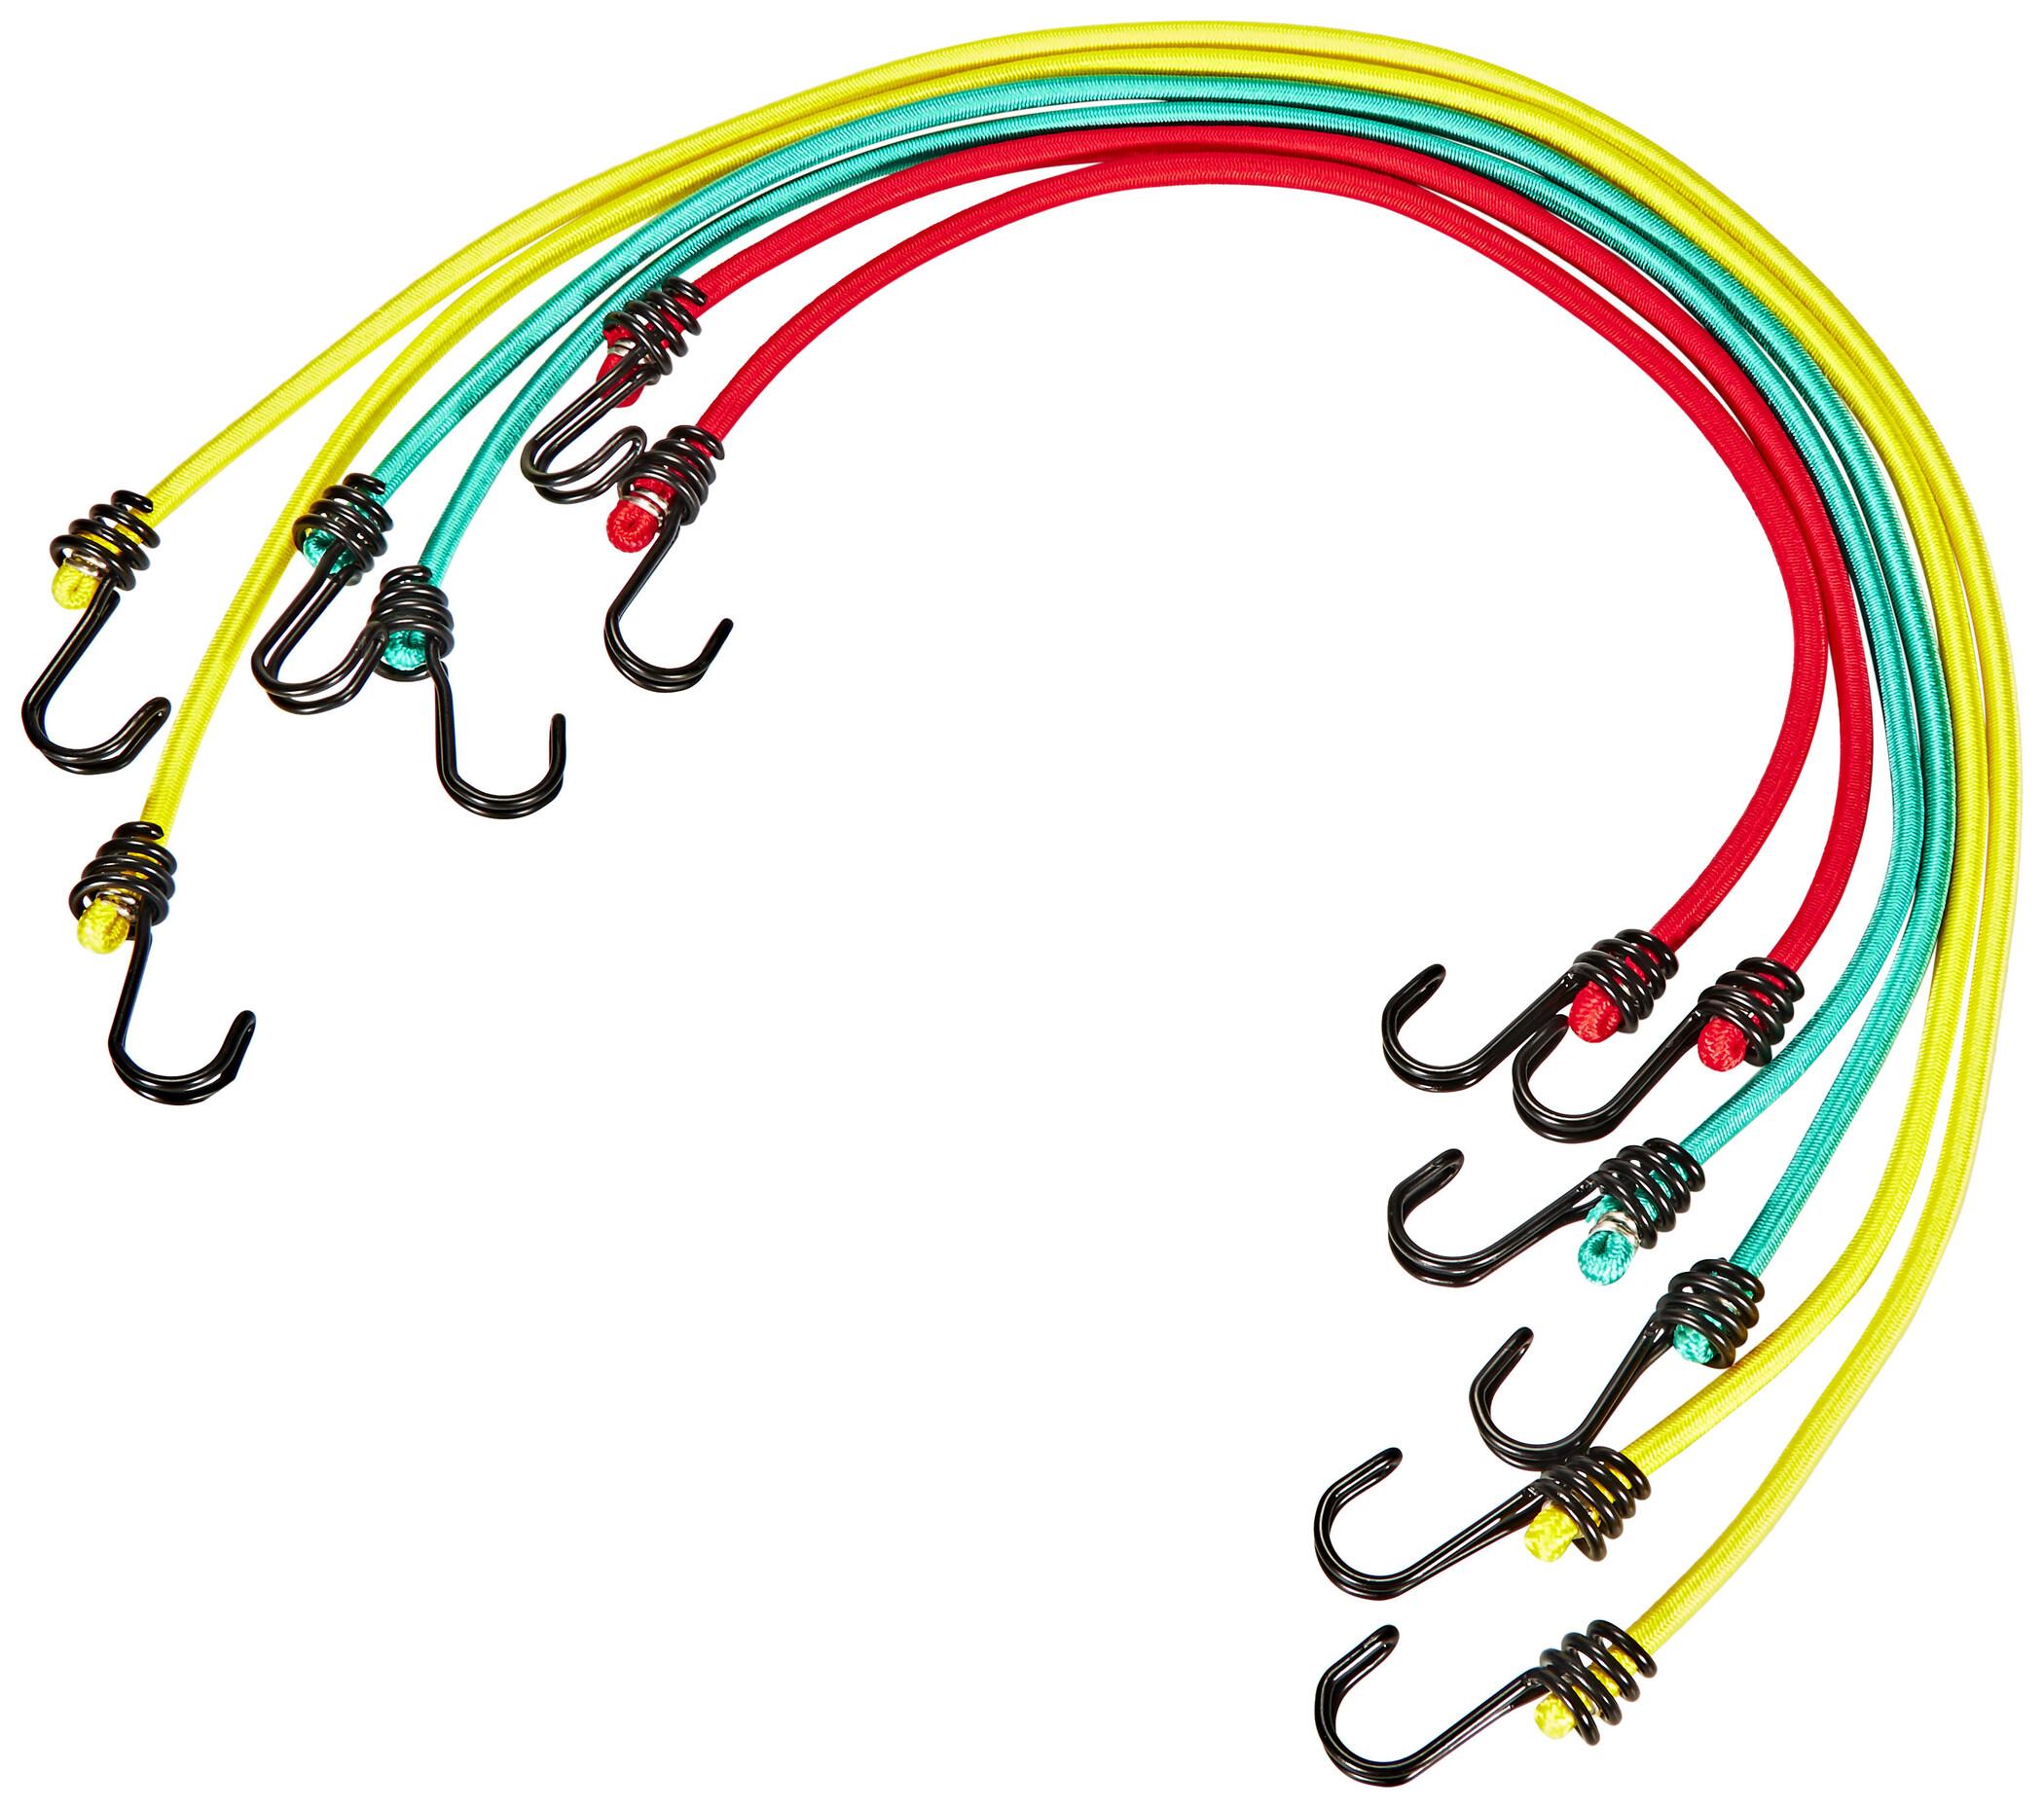 Gummispannseil Gummispanner Planenspanner Spanngummi mit PVC Haken 0,4x40cm BCH3-0440GY-E Bradas 5563